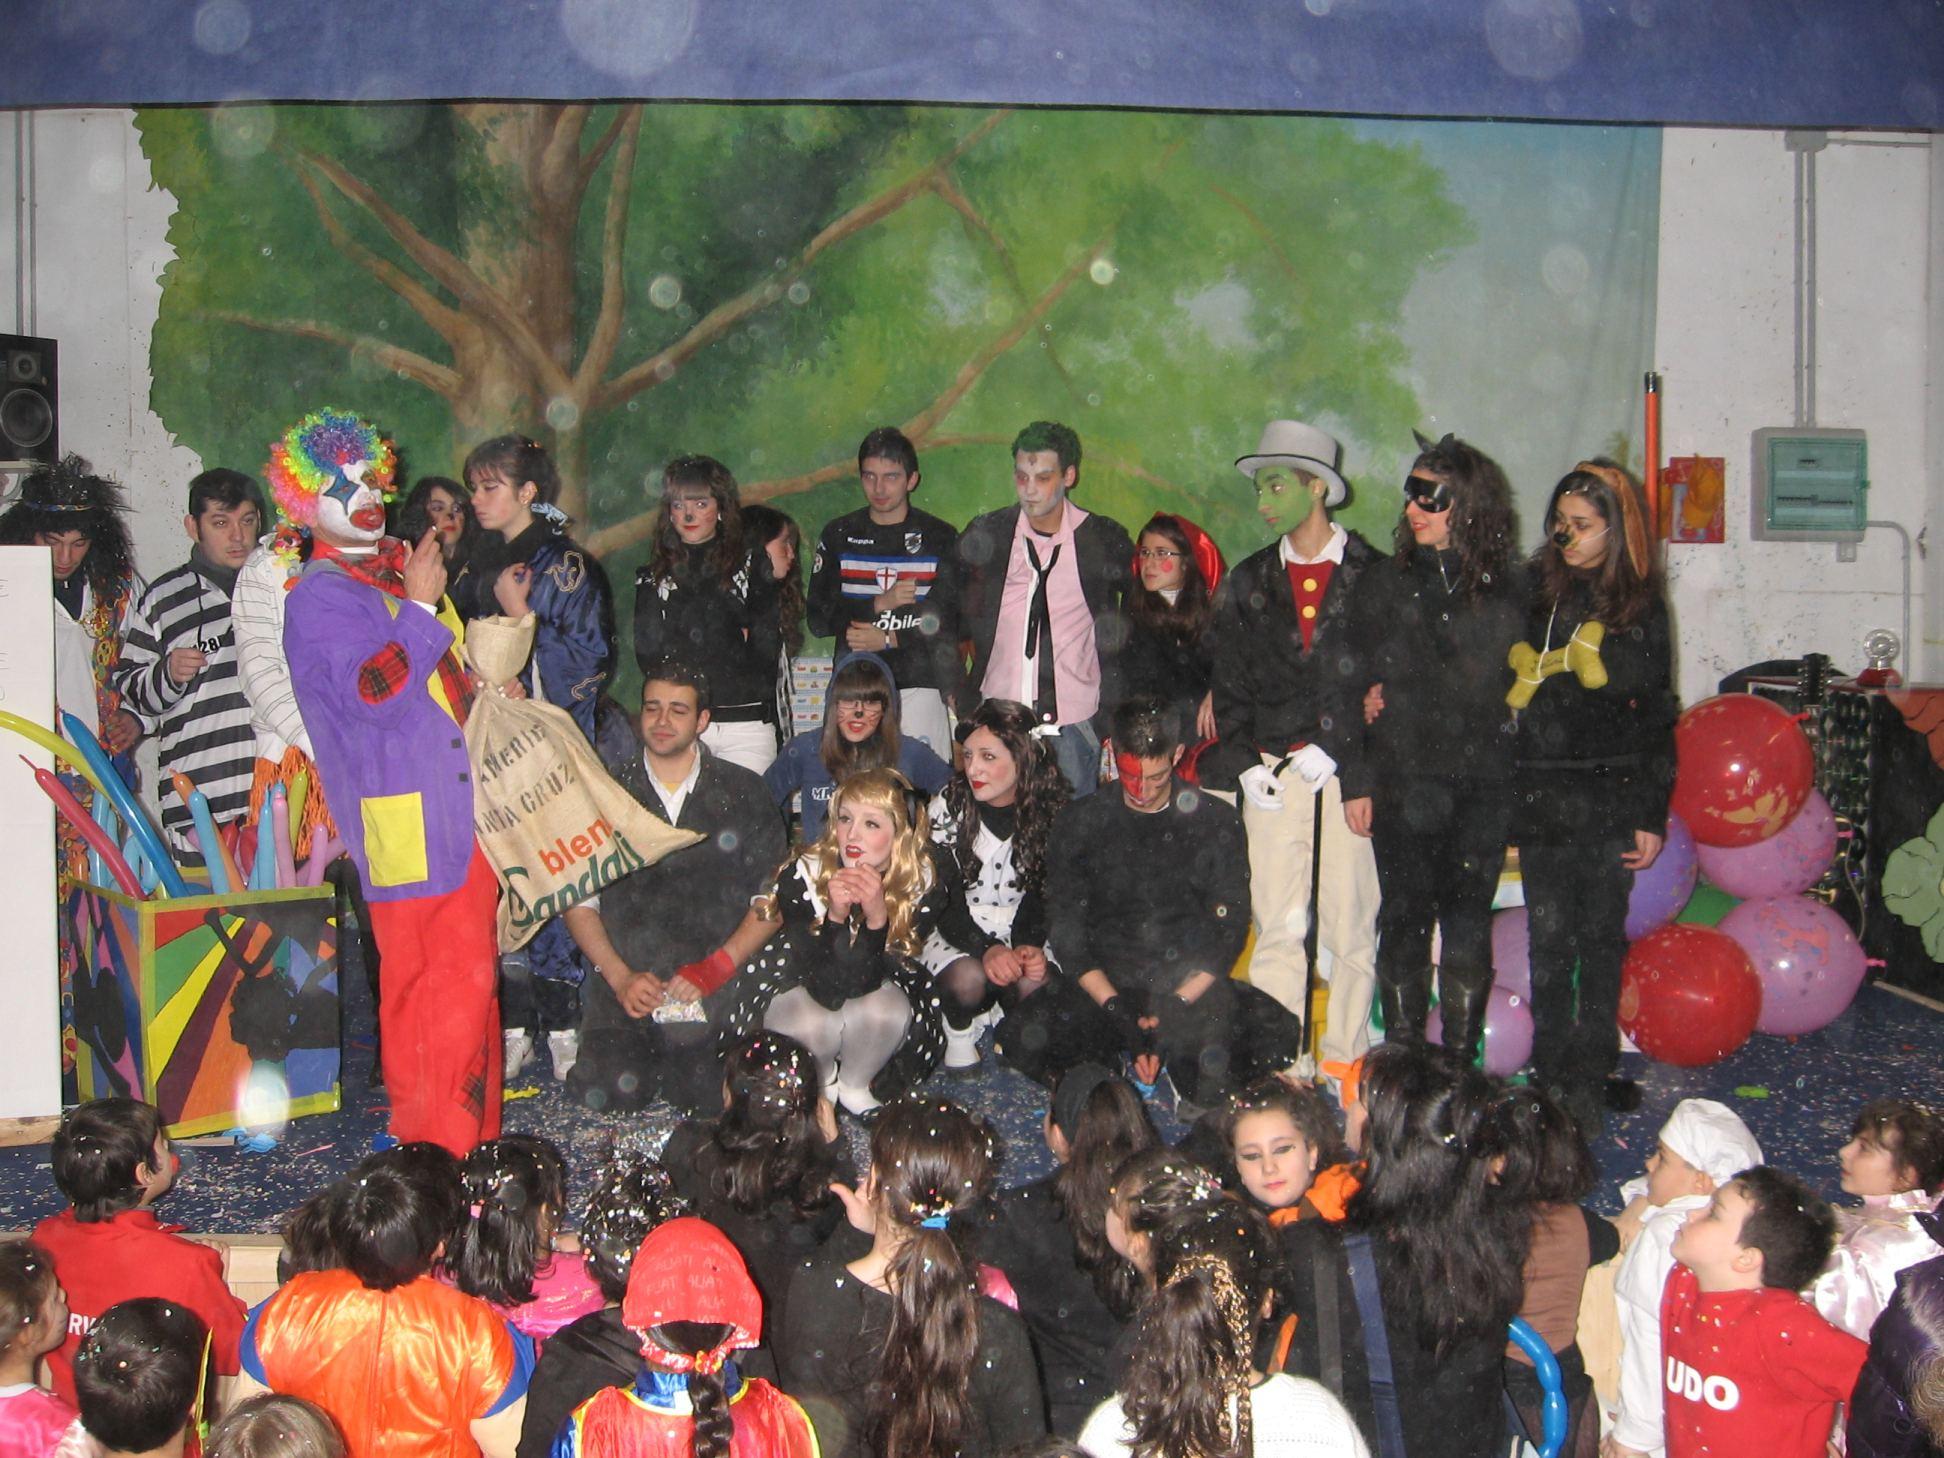 Pentolaccia-2010-02-14--18.05.46